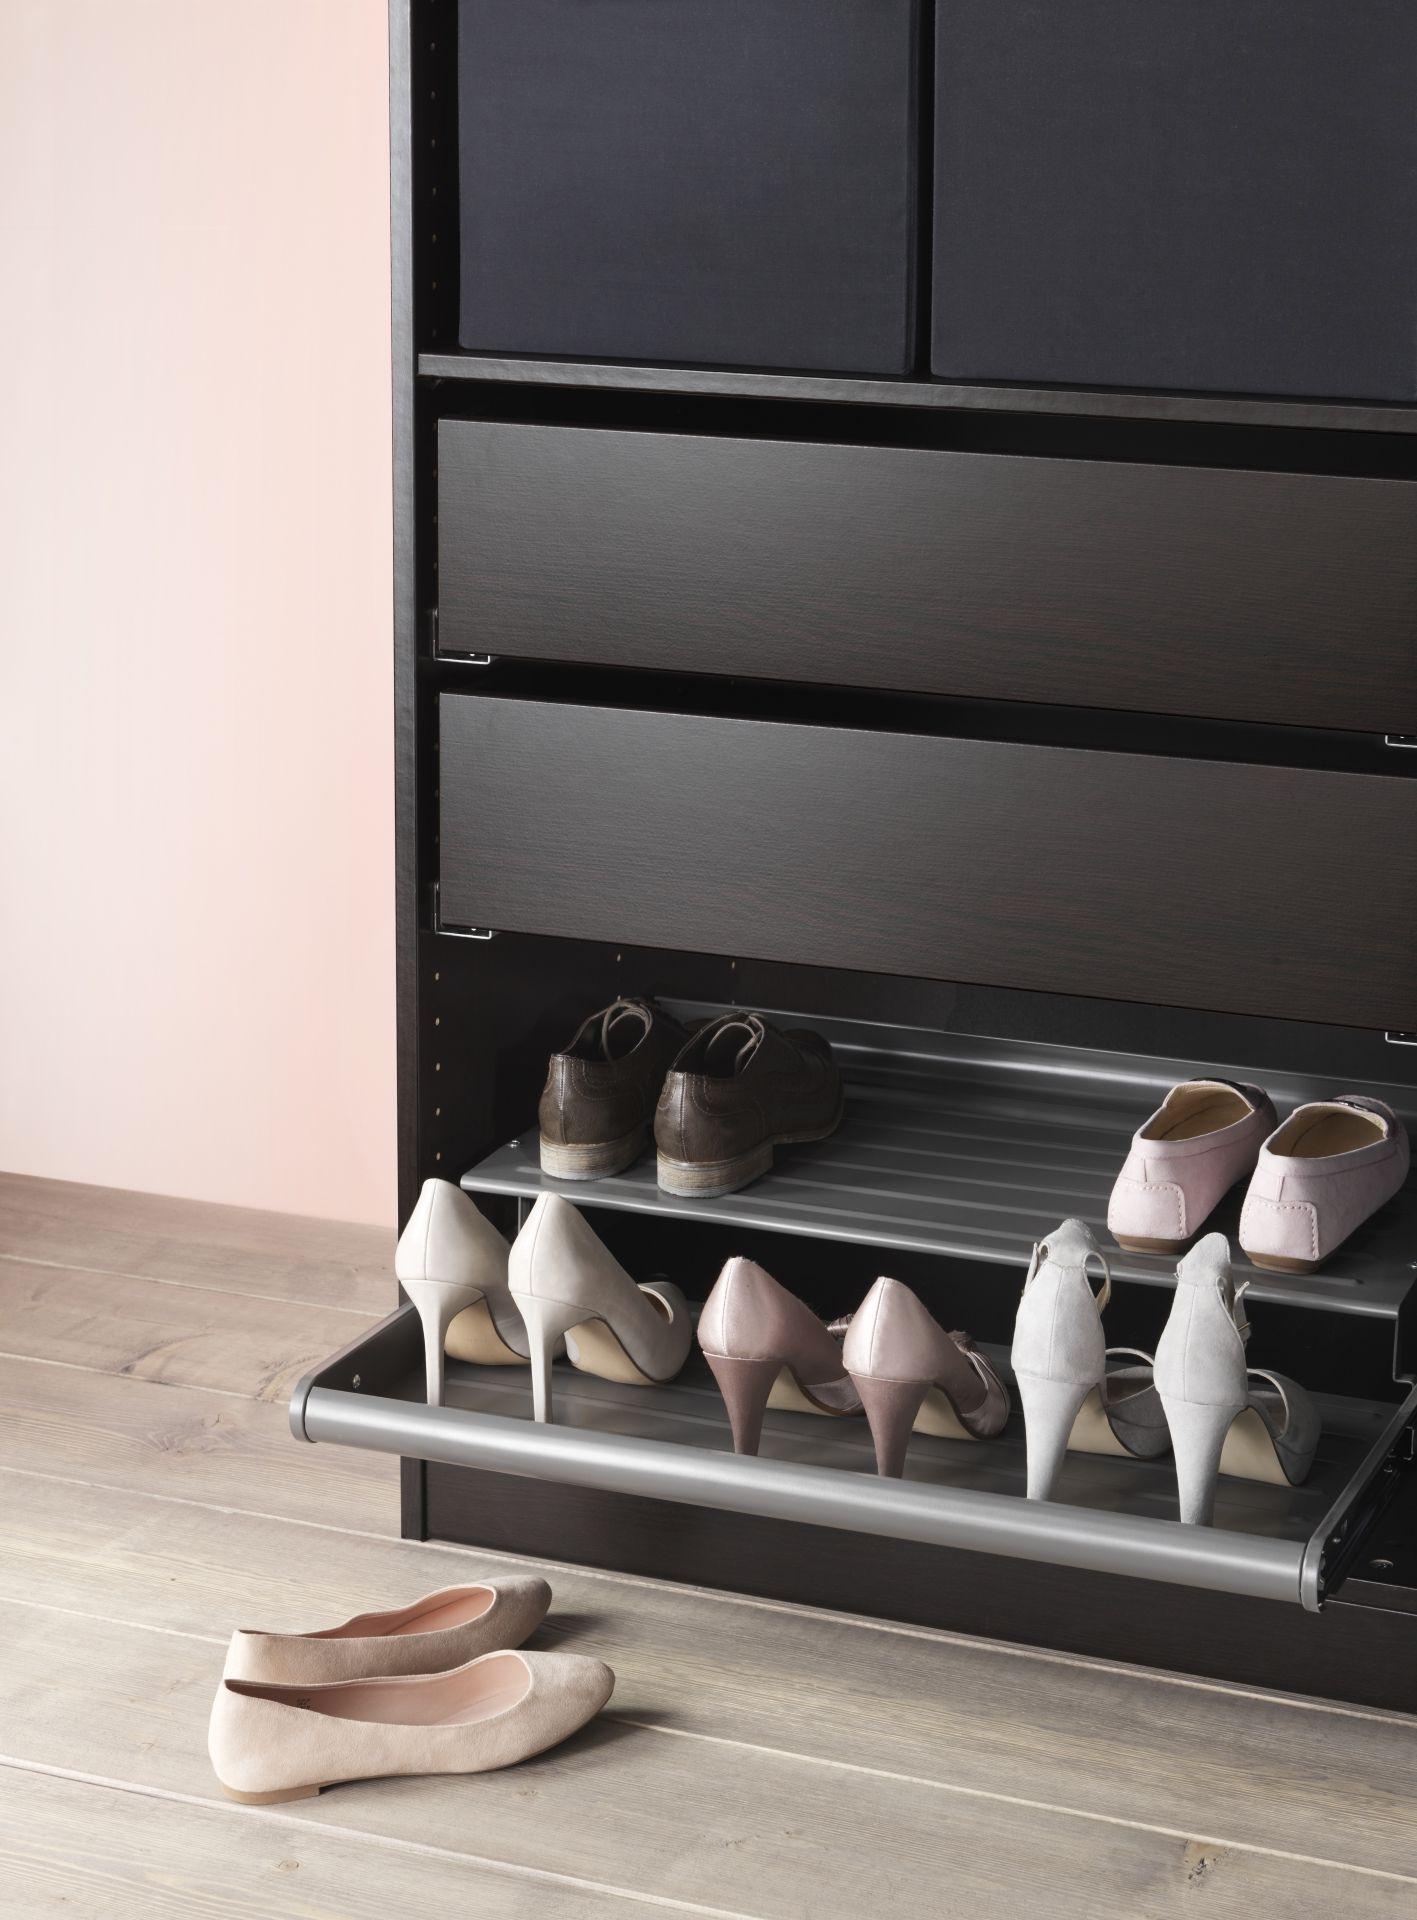 Schoenenrek Voor Pax Kast.Creeer Een Ontspannen Sfeer In De Slaapkamer Ikea